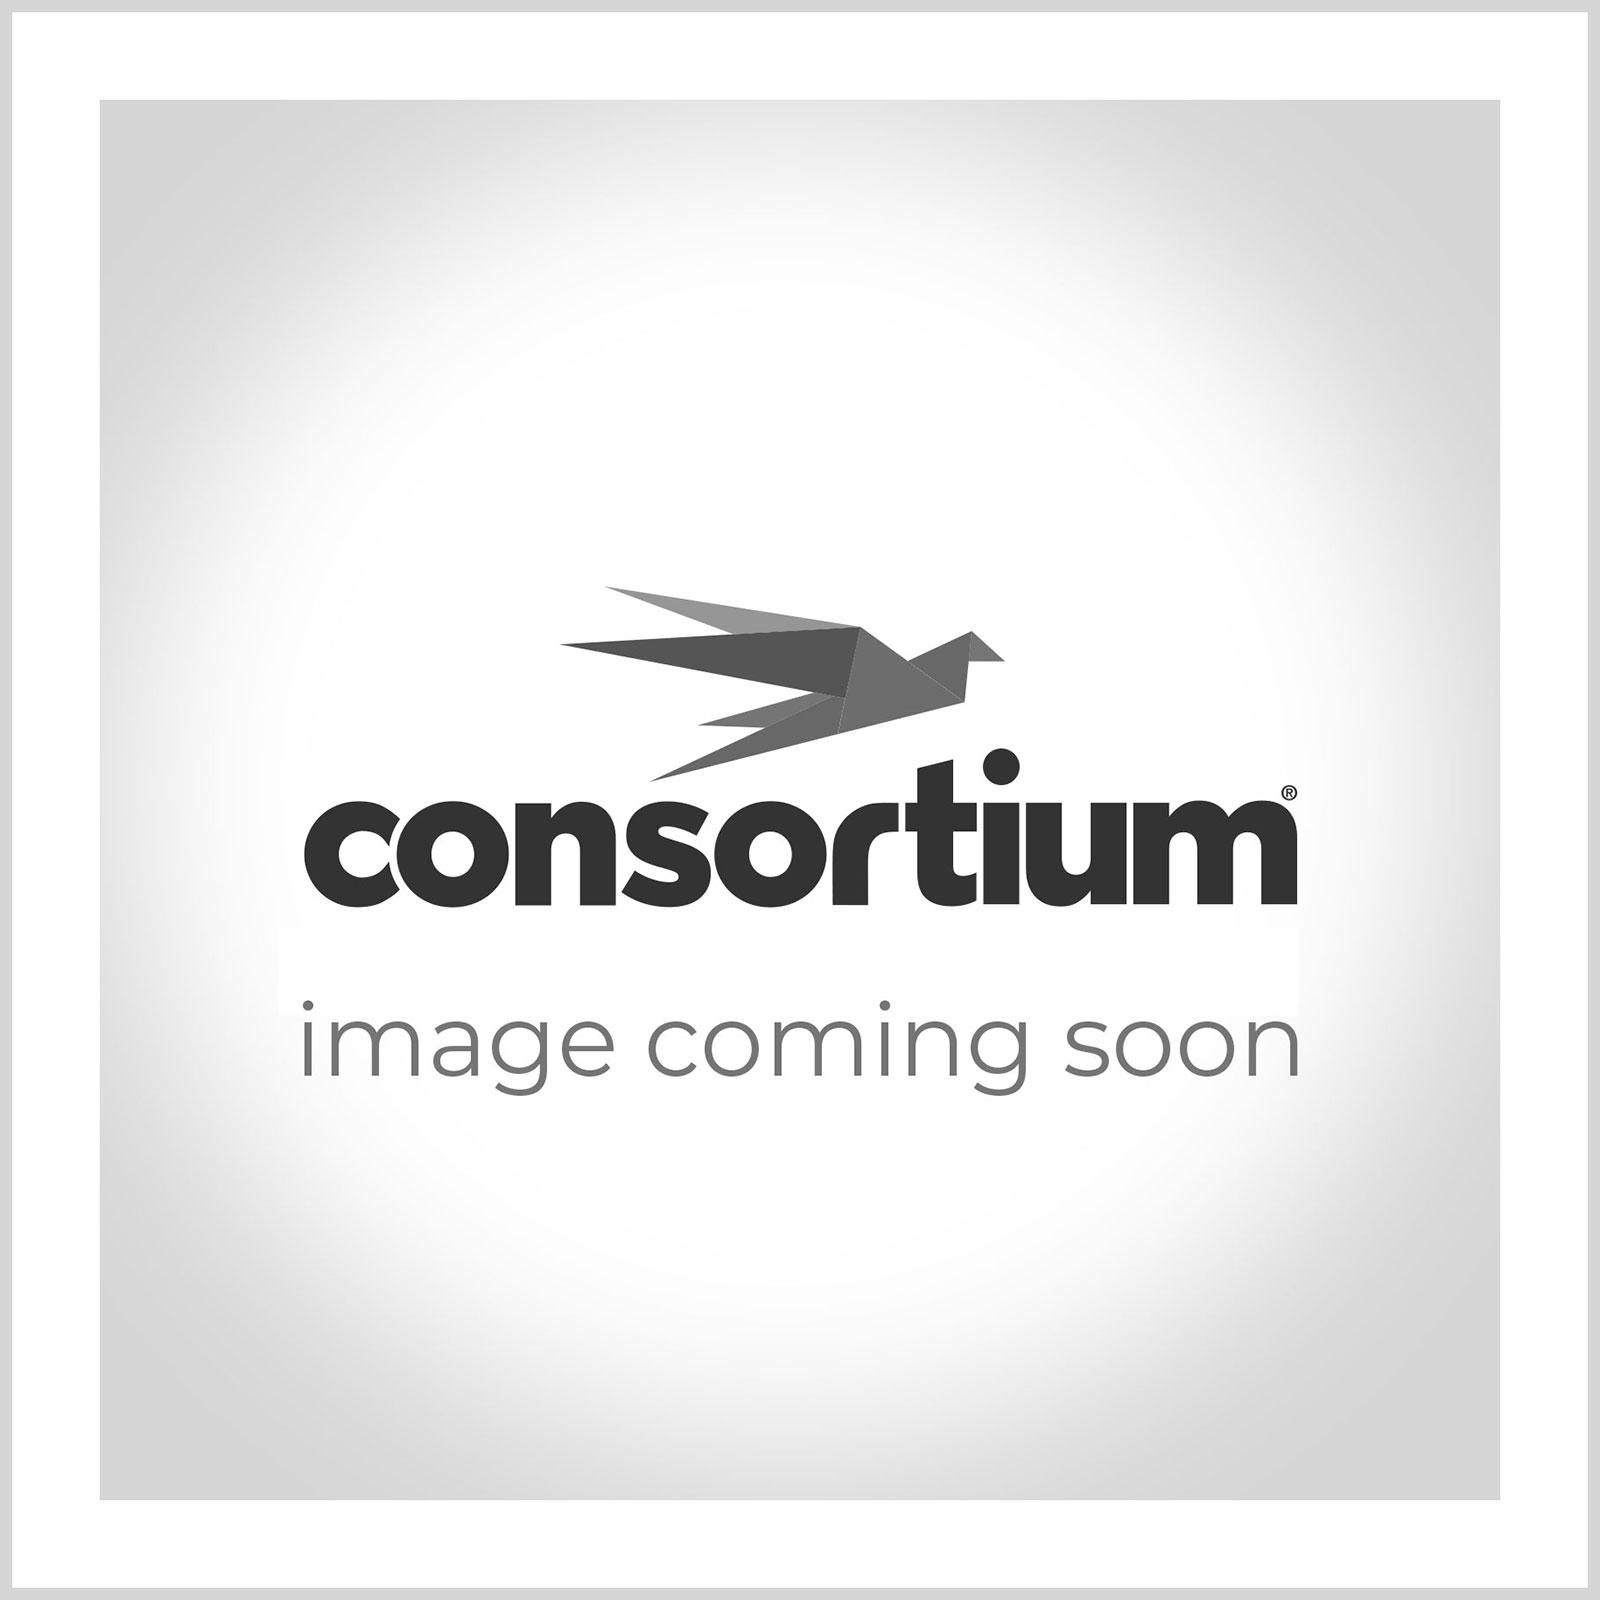 View-Thru Geometric Shapes